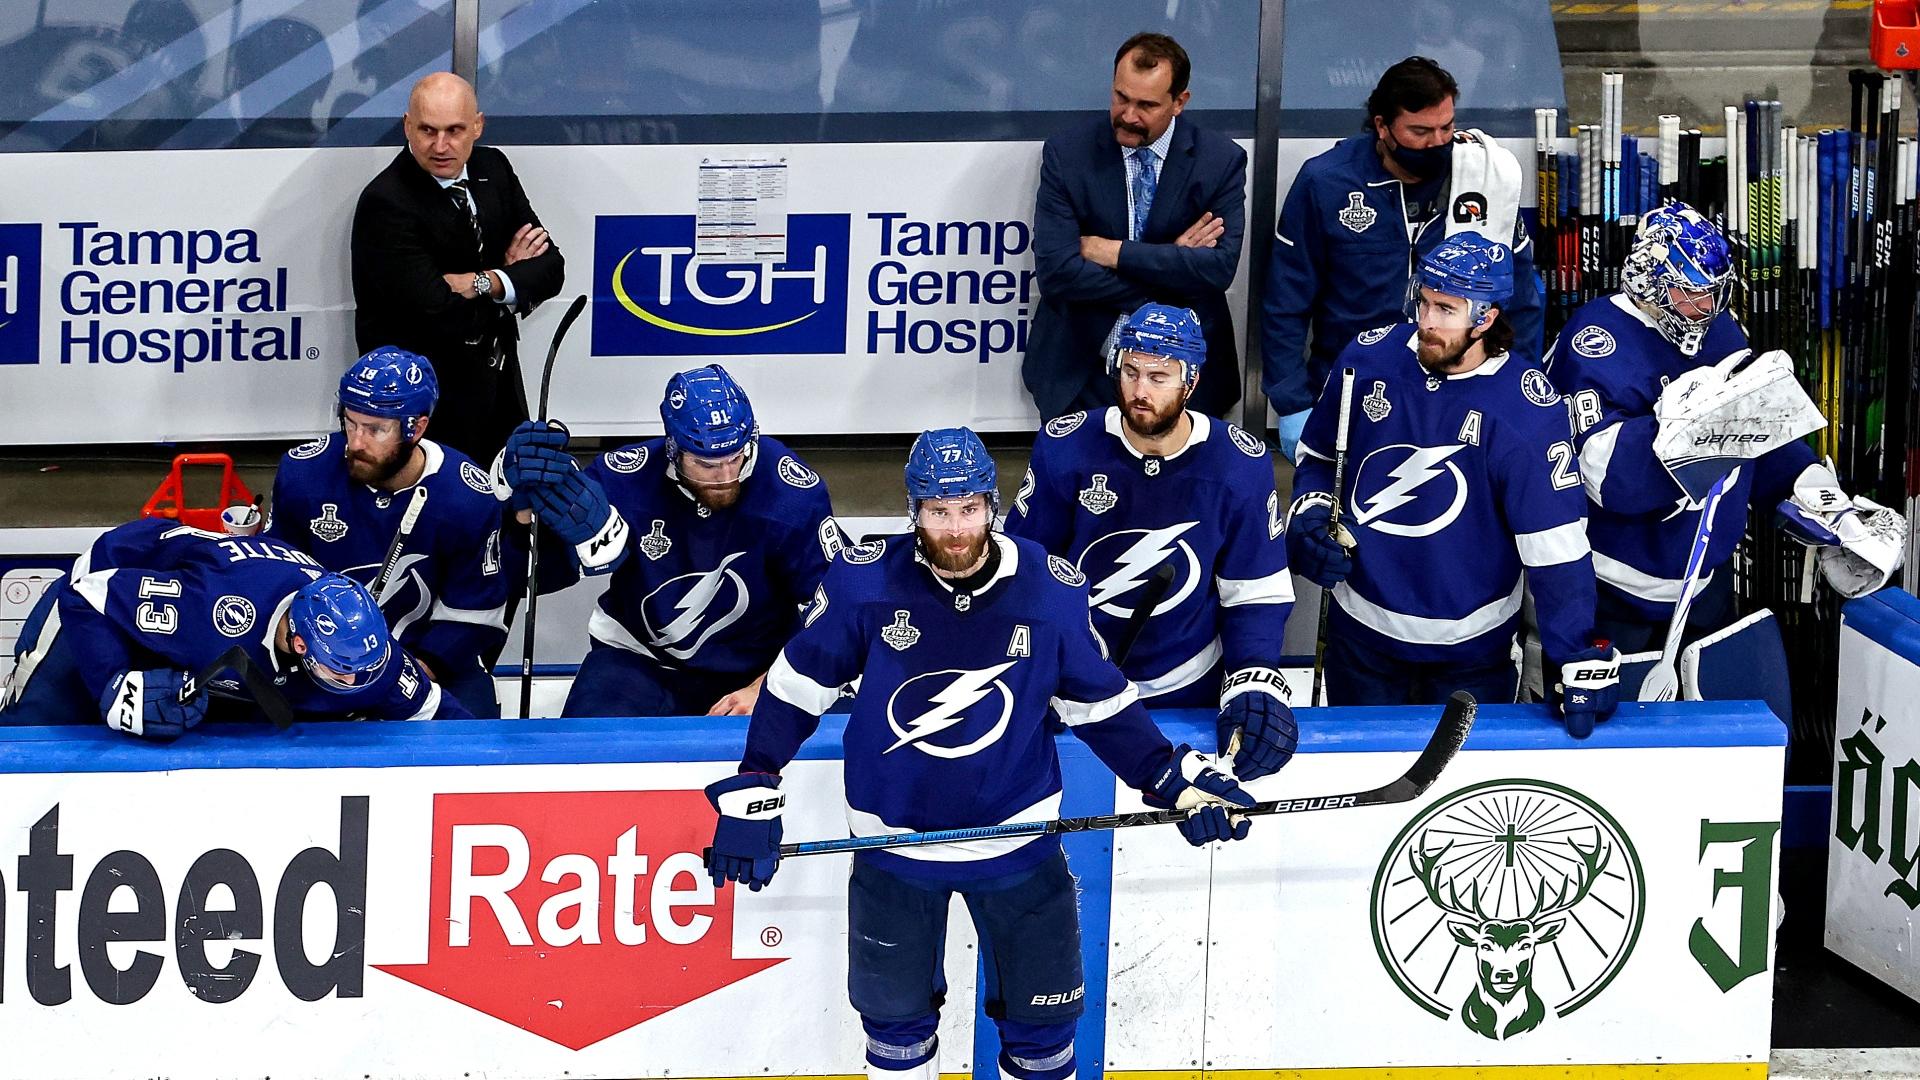 Les joueurs du Lightning de Tampa Bay